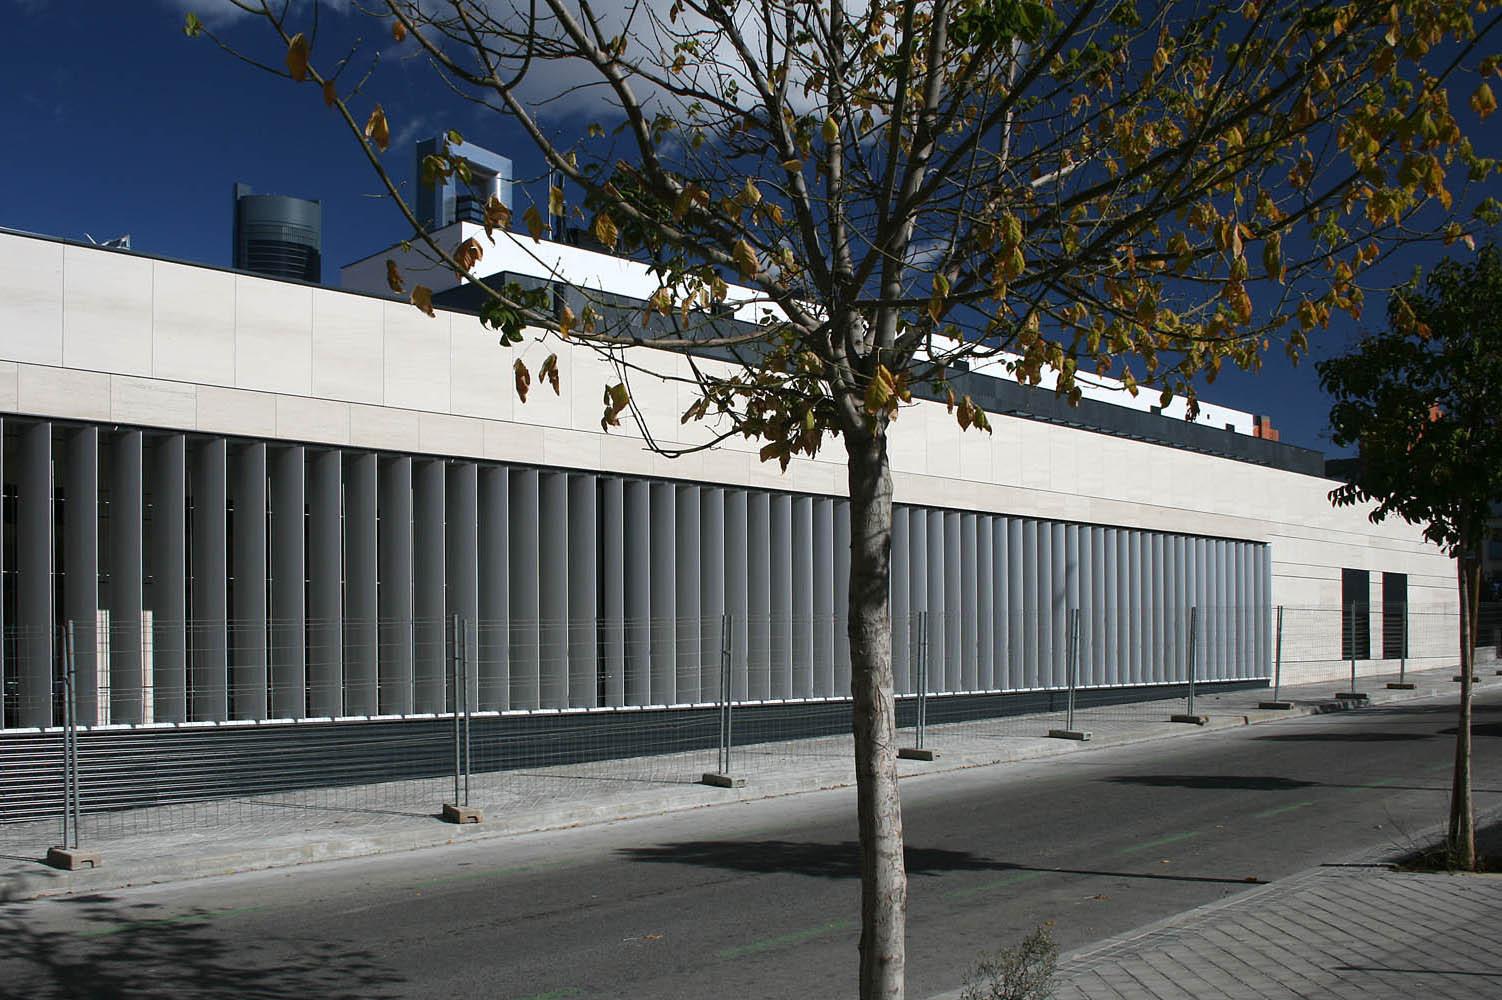 Residencia para mayores en madrid geed arquitectos - Arquitectos en espana ...